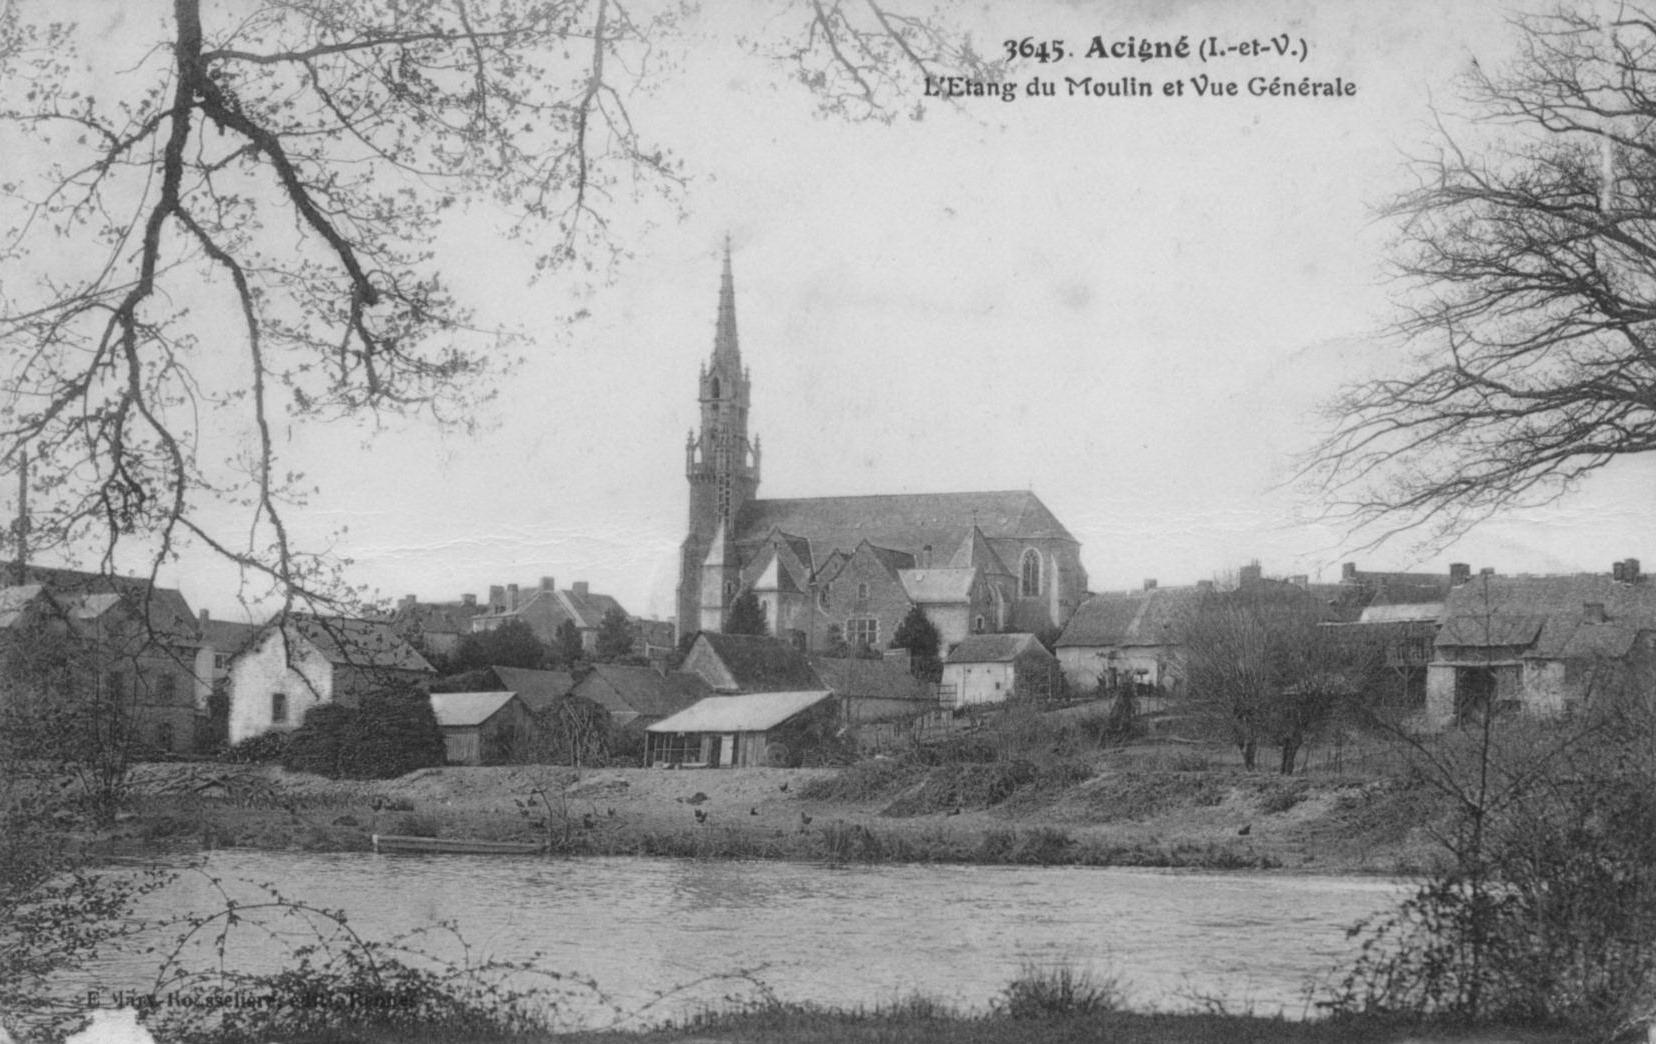 Acigné vu des bords de la Vilaine en 1916